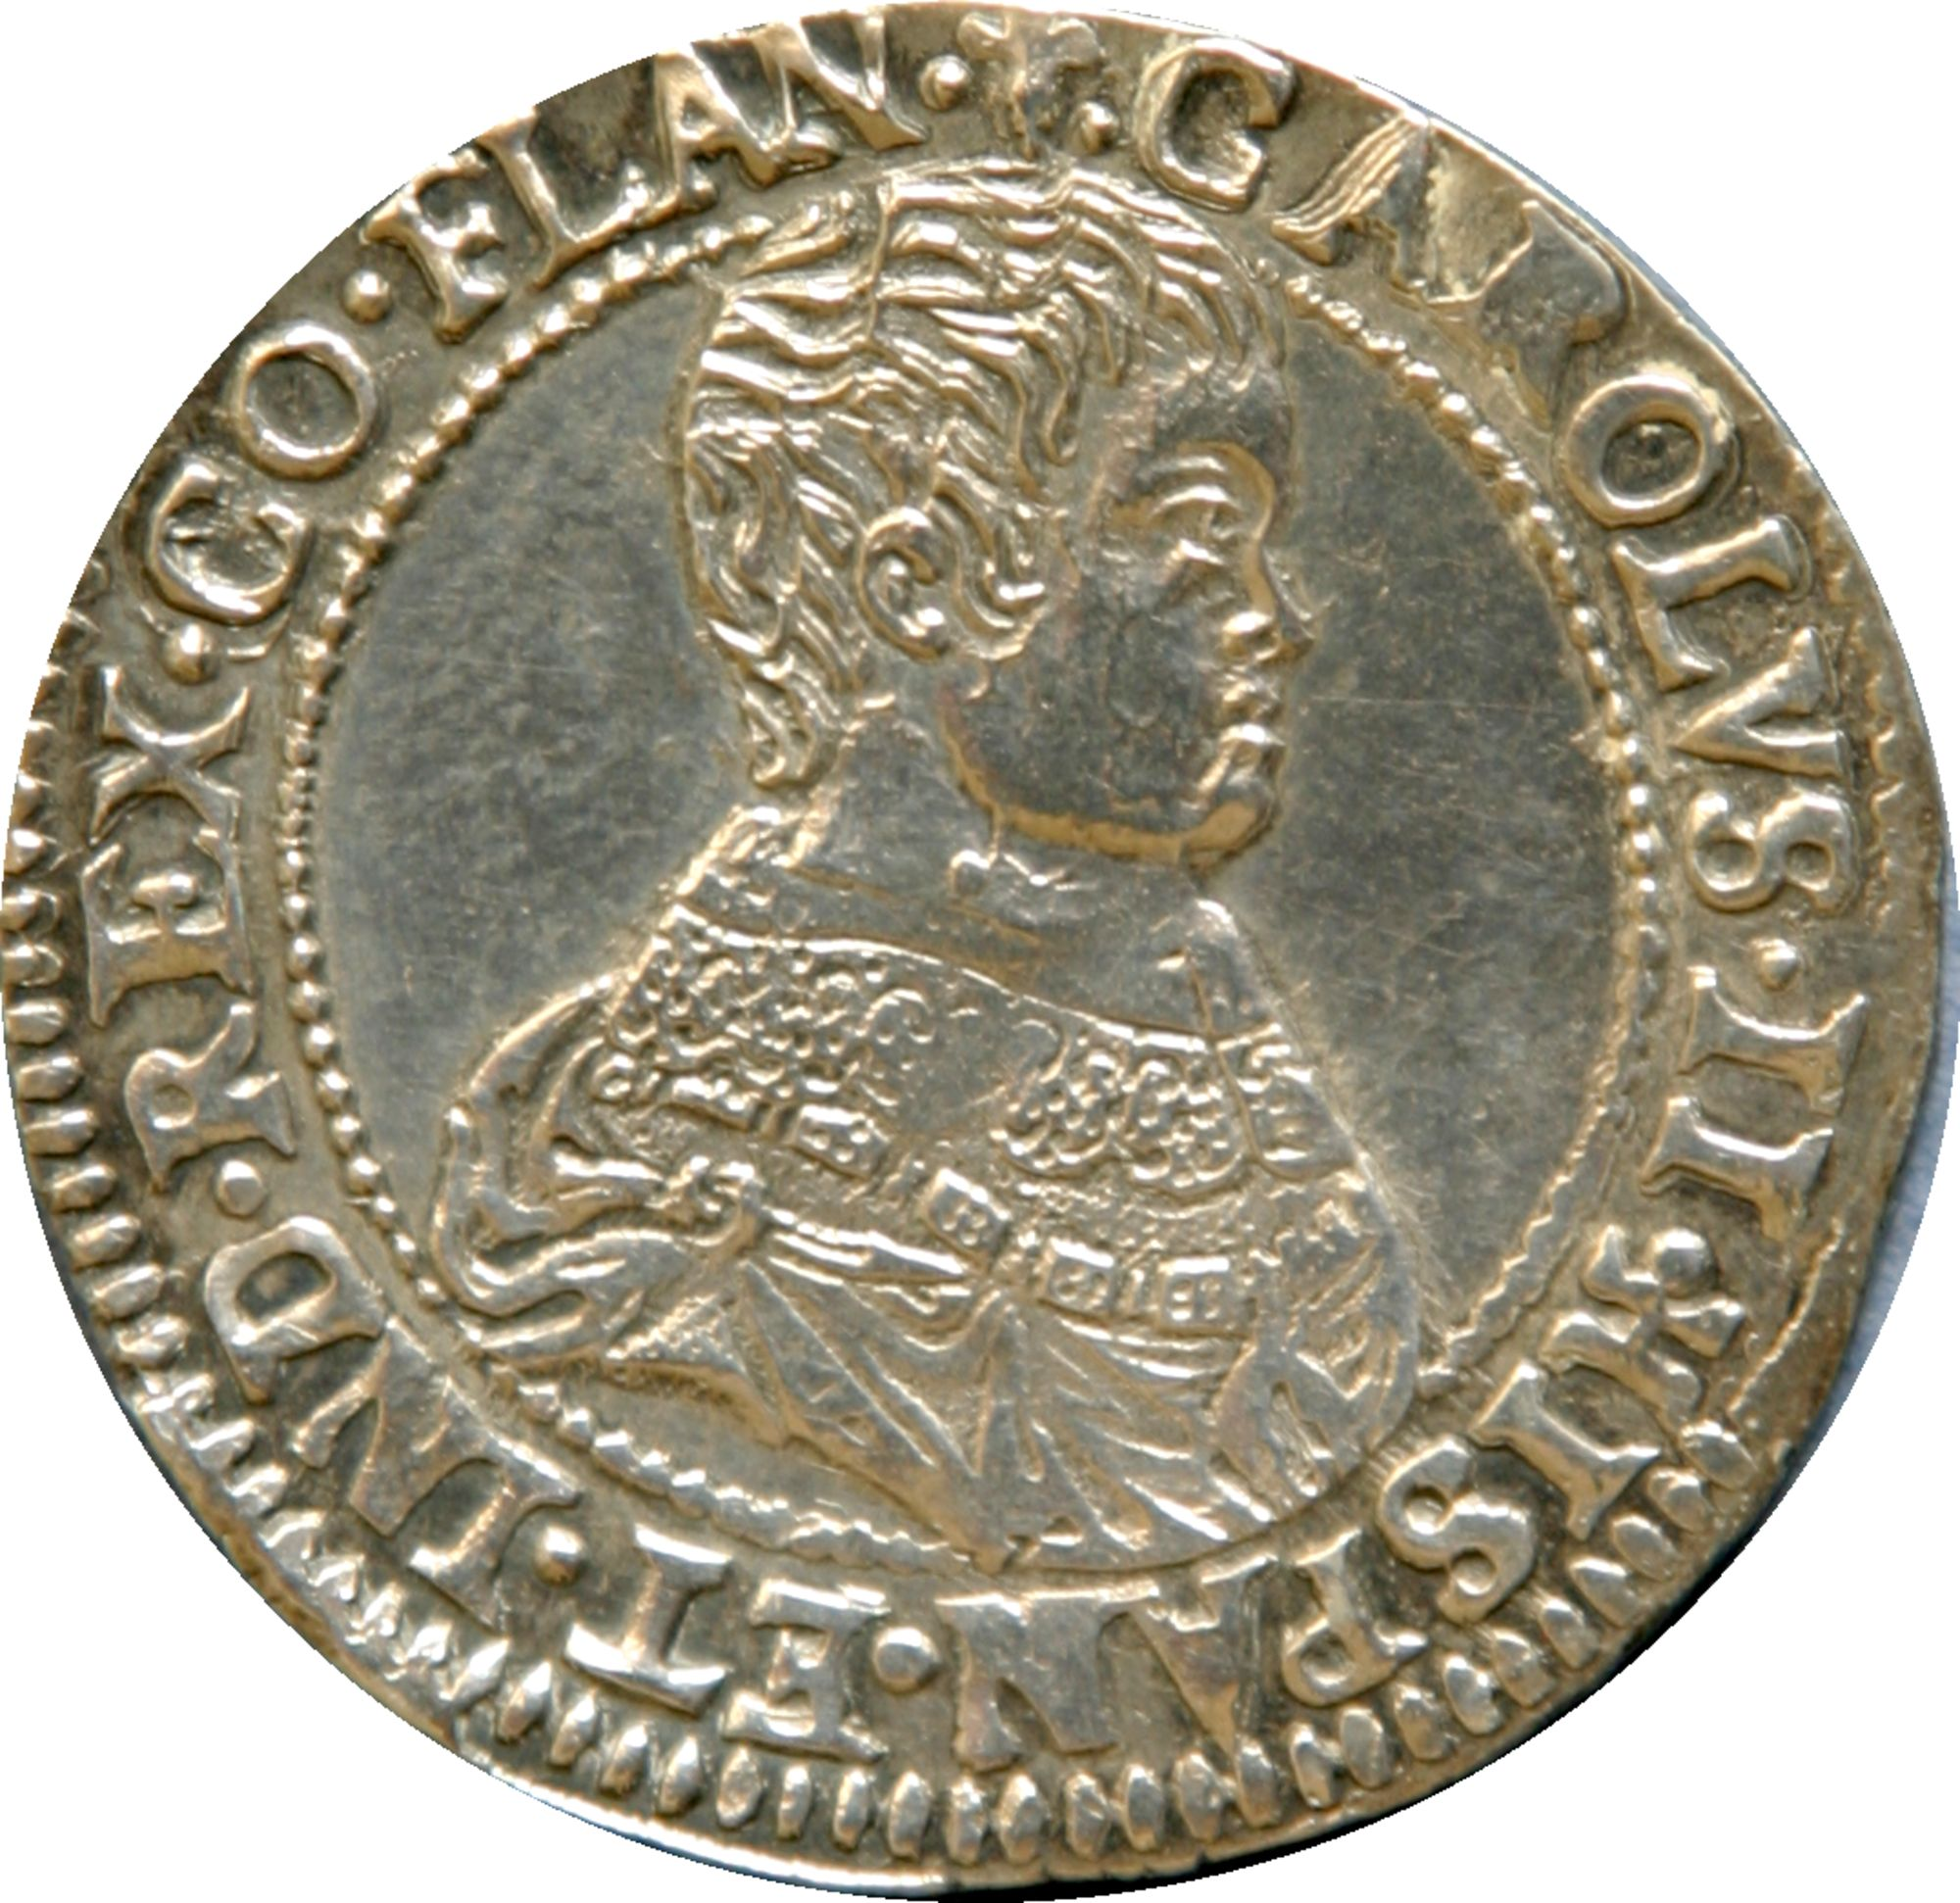 Jeton Karel II uit de zeventiende eeuw